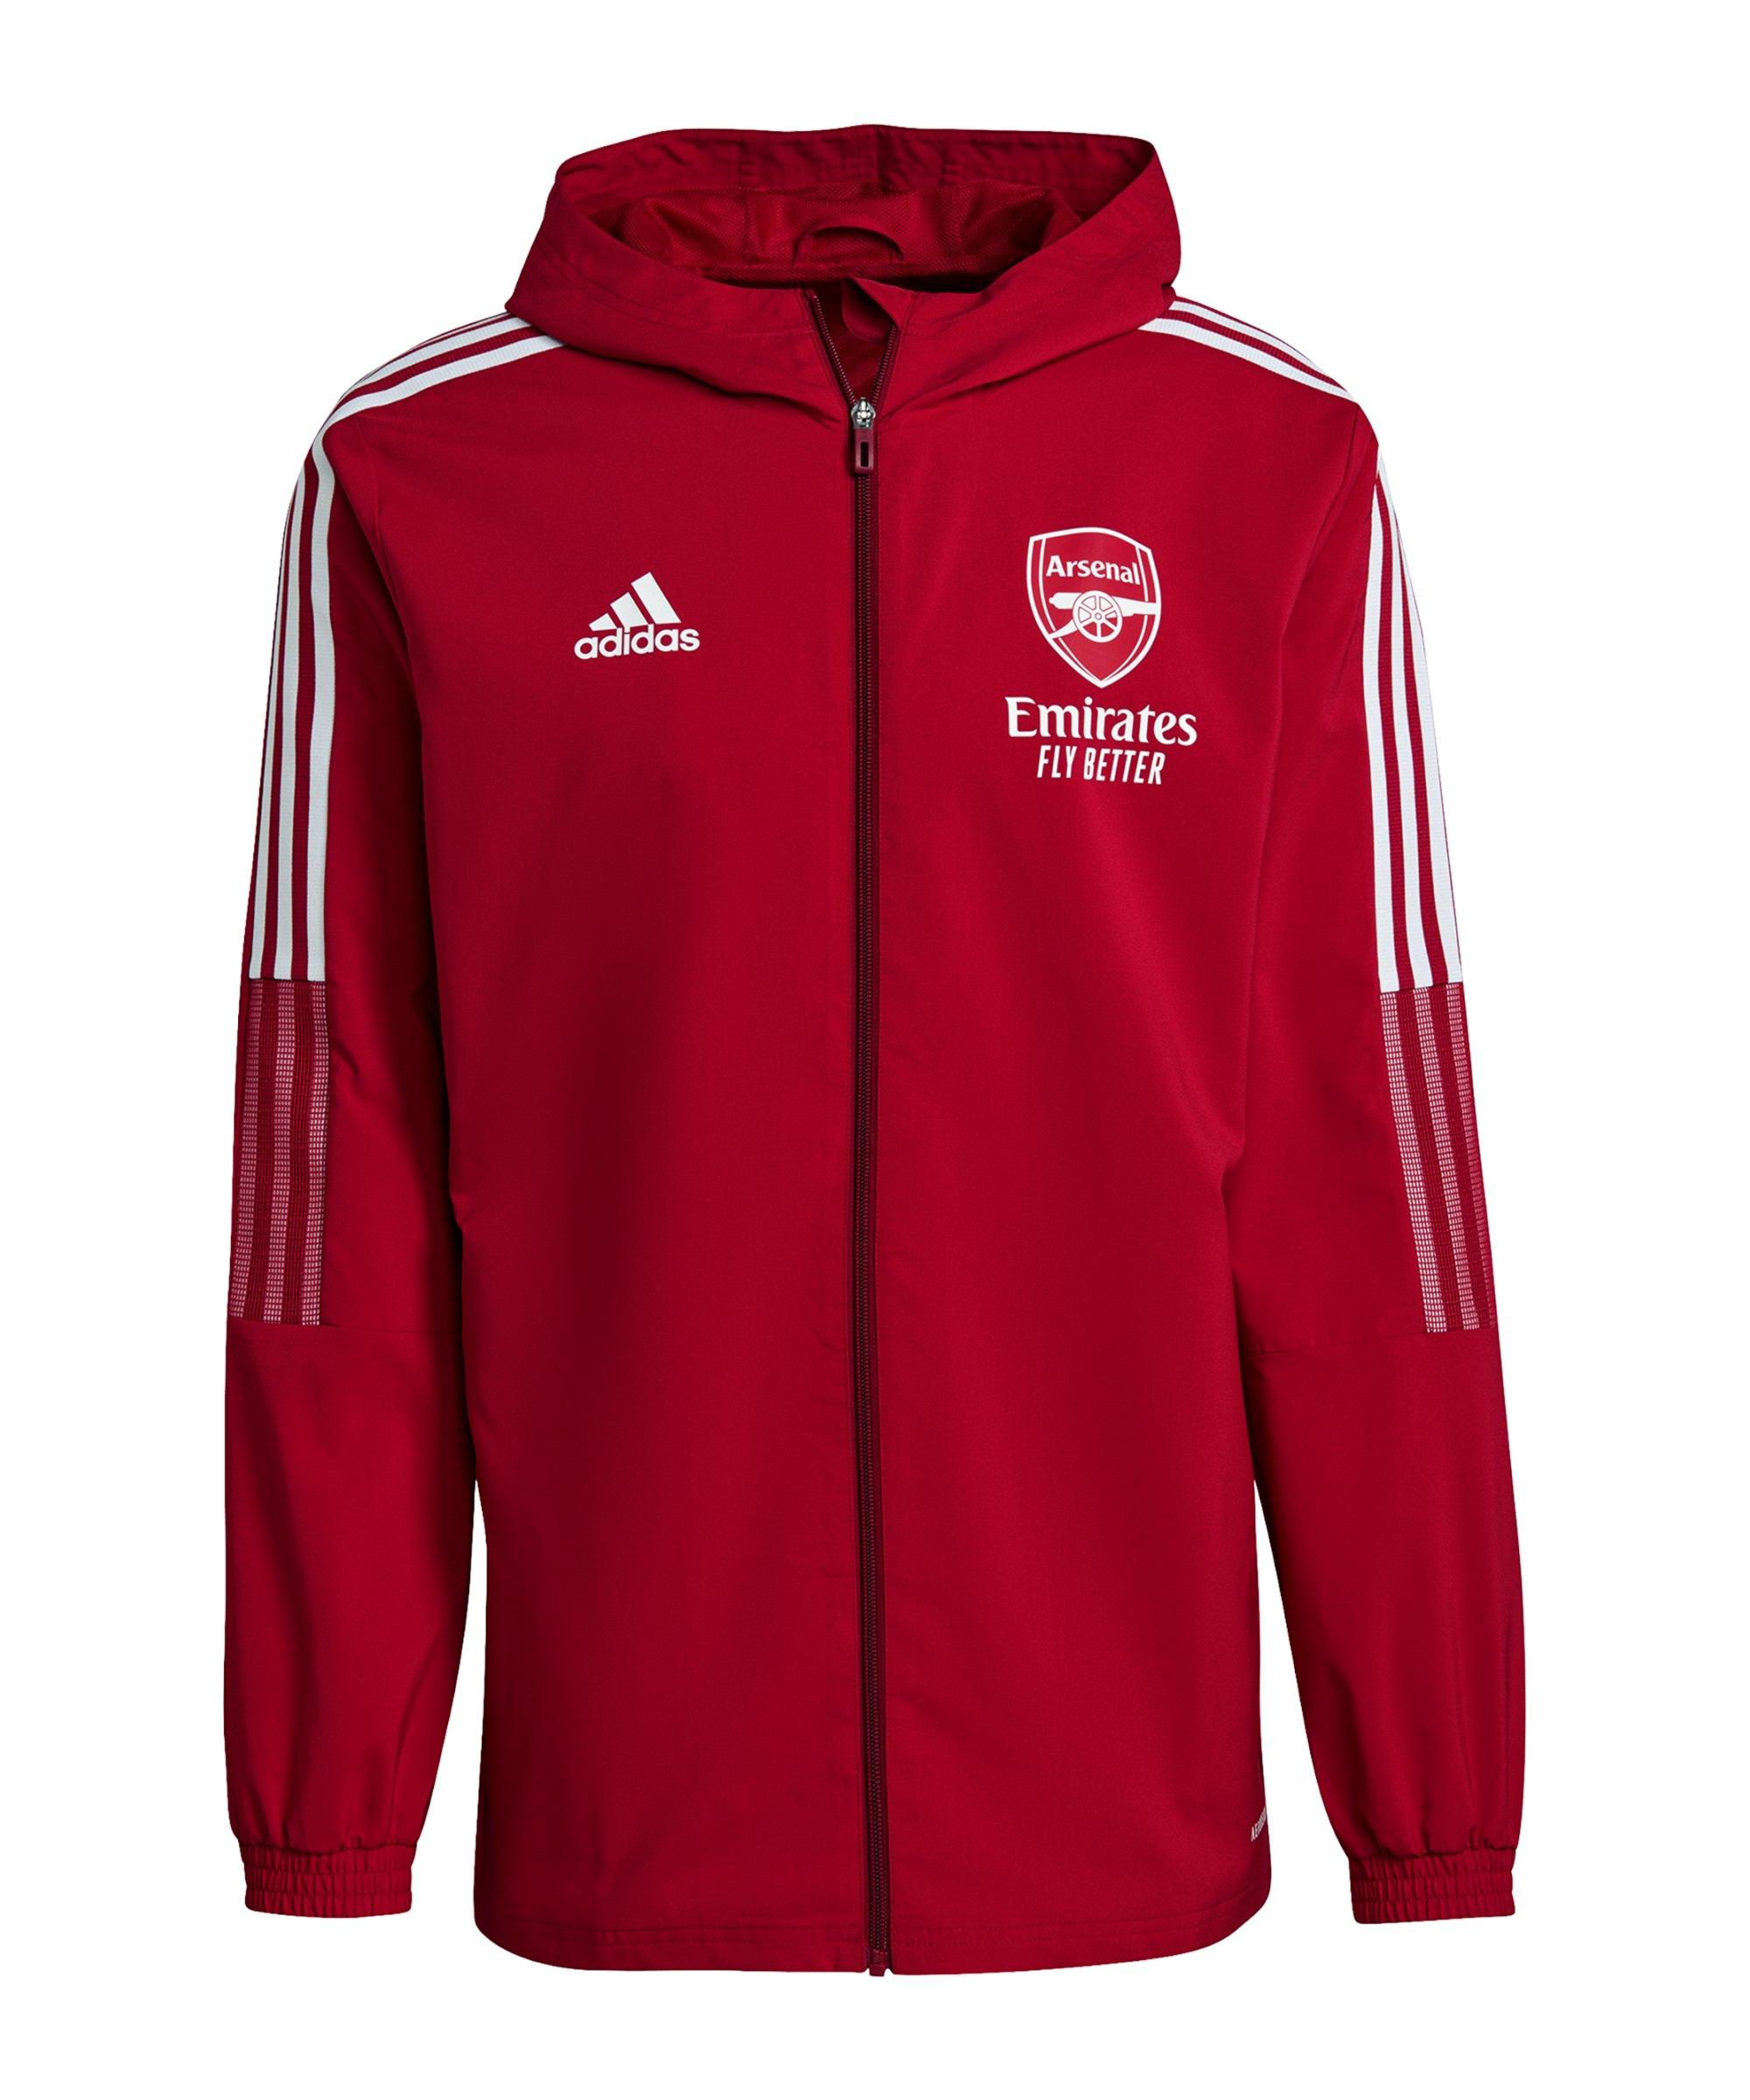 adidas FC Arsenal London Prematch Jacke 2021/2022 Rot - rot